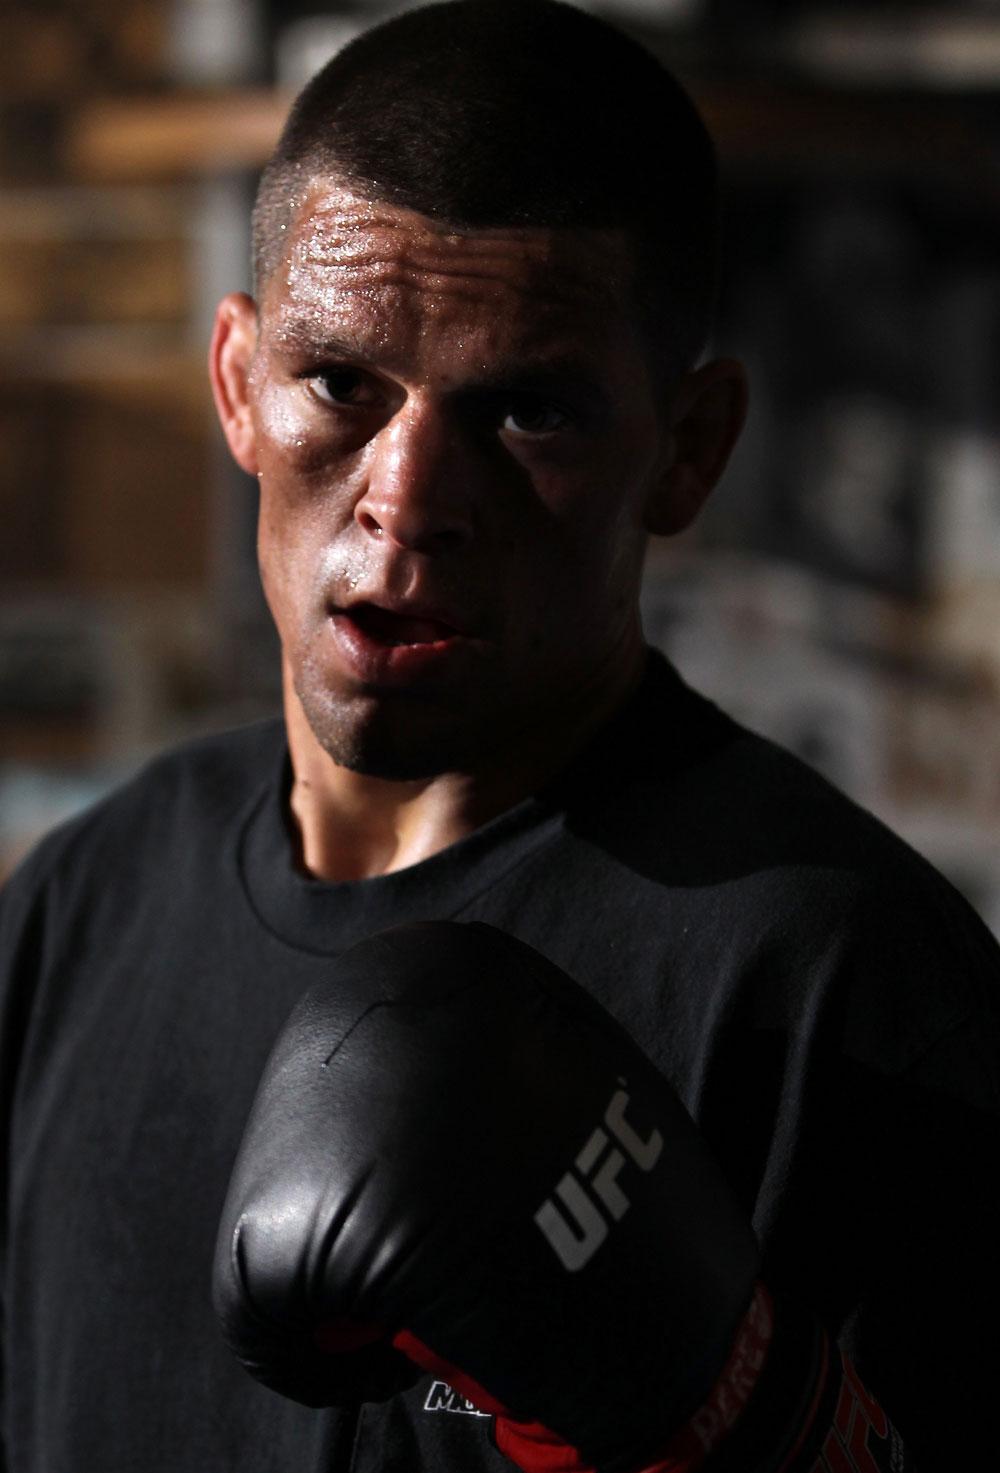 UFC lightweight Nate Diaz